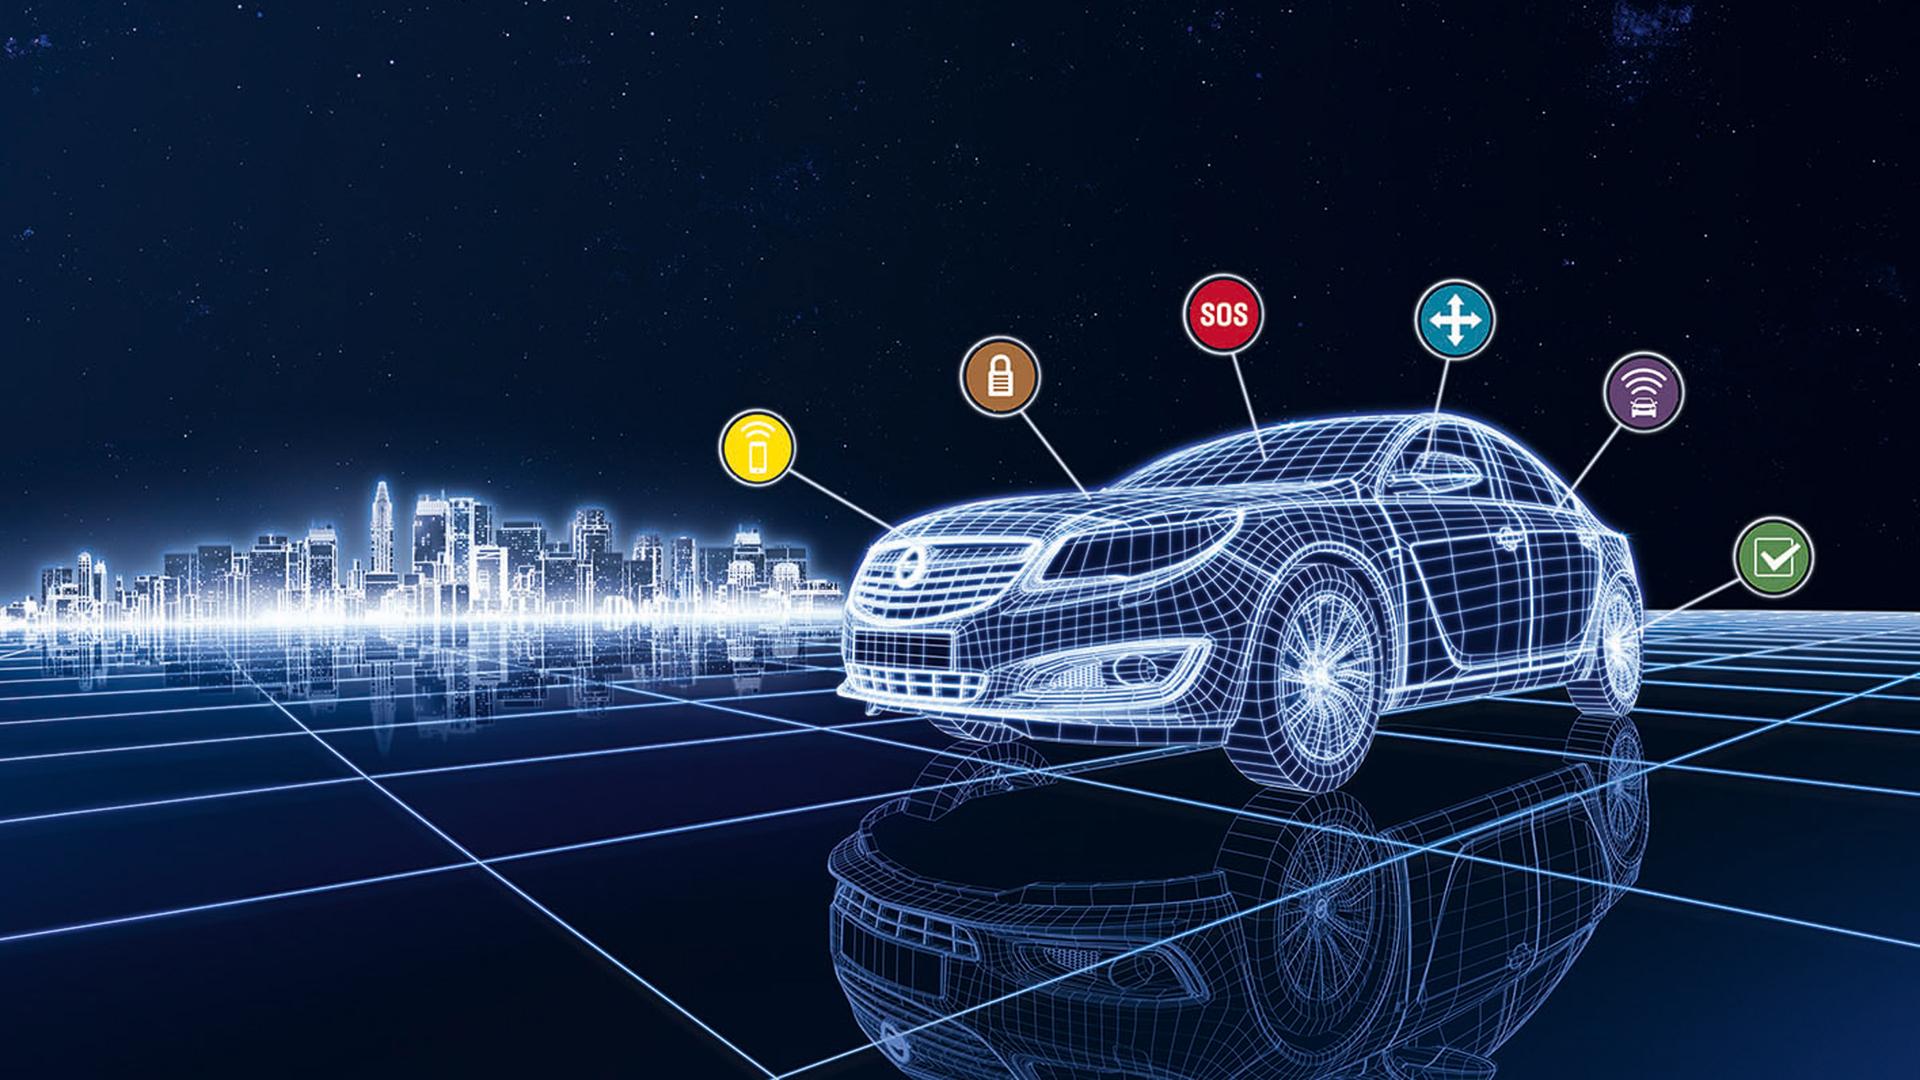 OnStar divide su servicio en seguridad, emergencia, conectividad, navegación, conserjería y servicio de mantenimiento